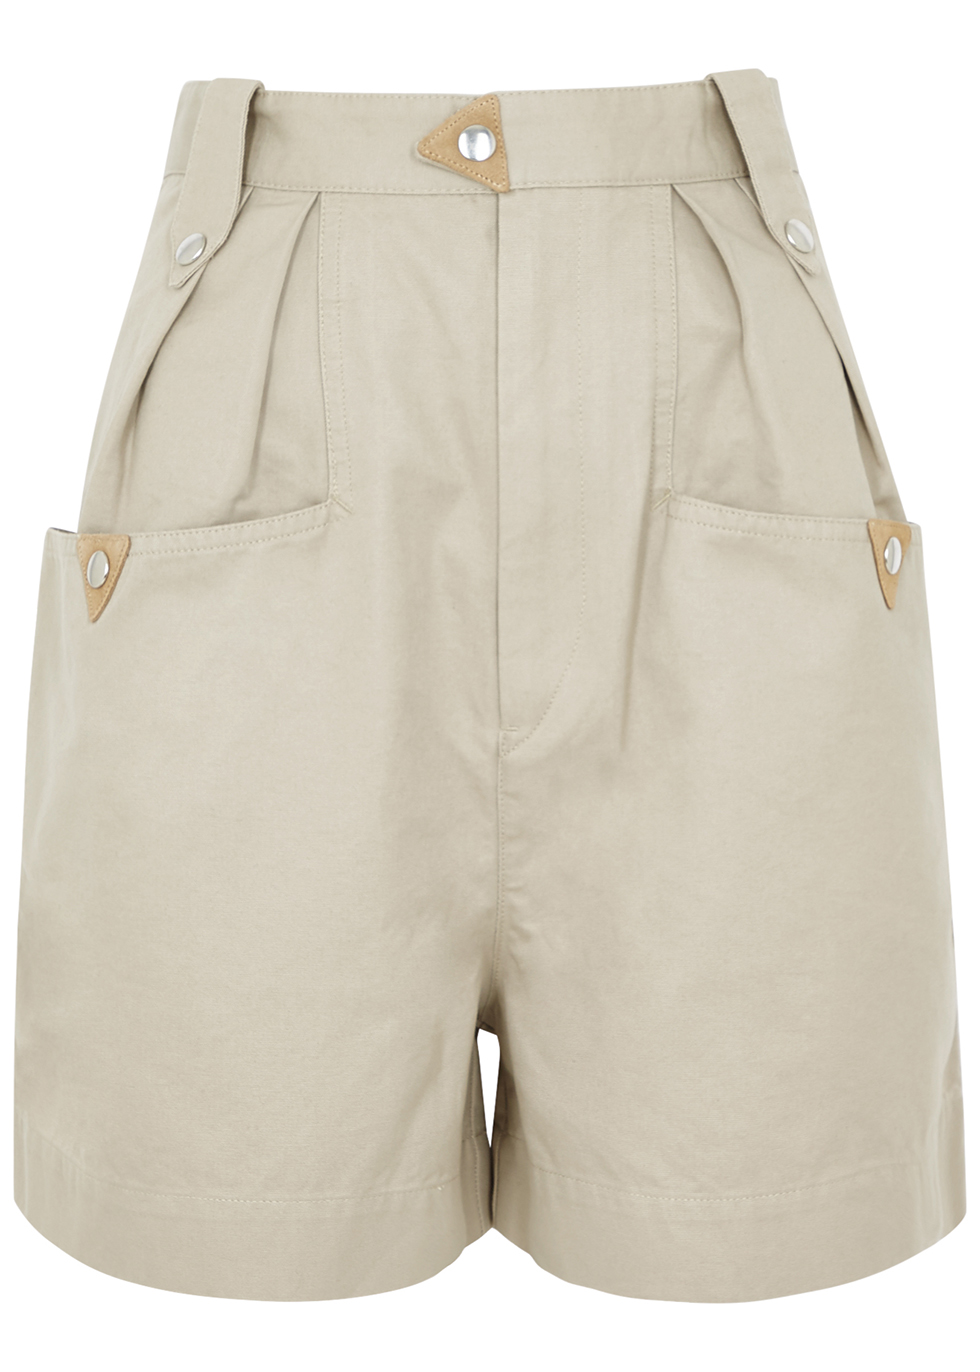 Palino ecru cotton shorts